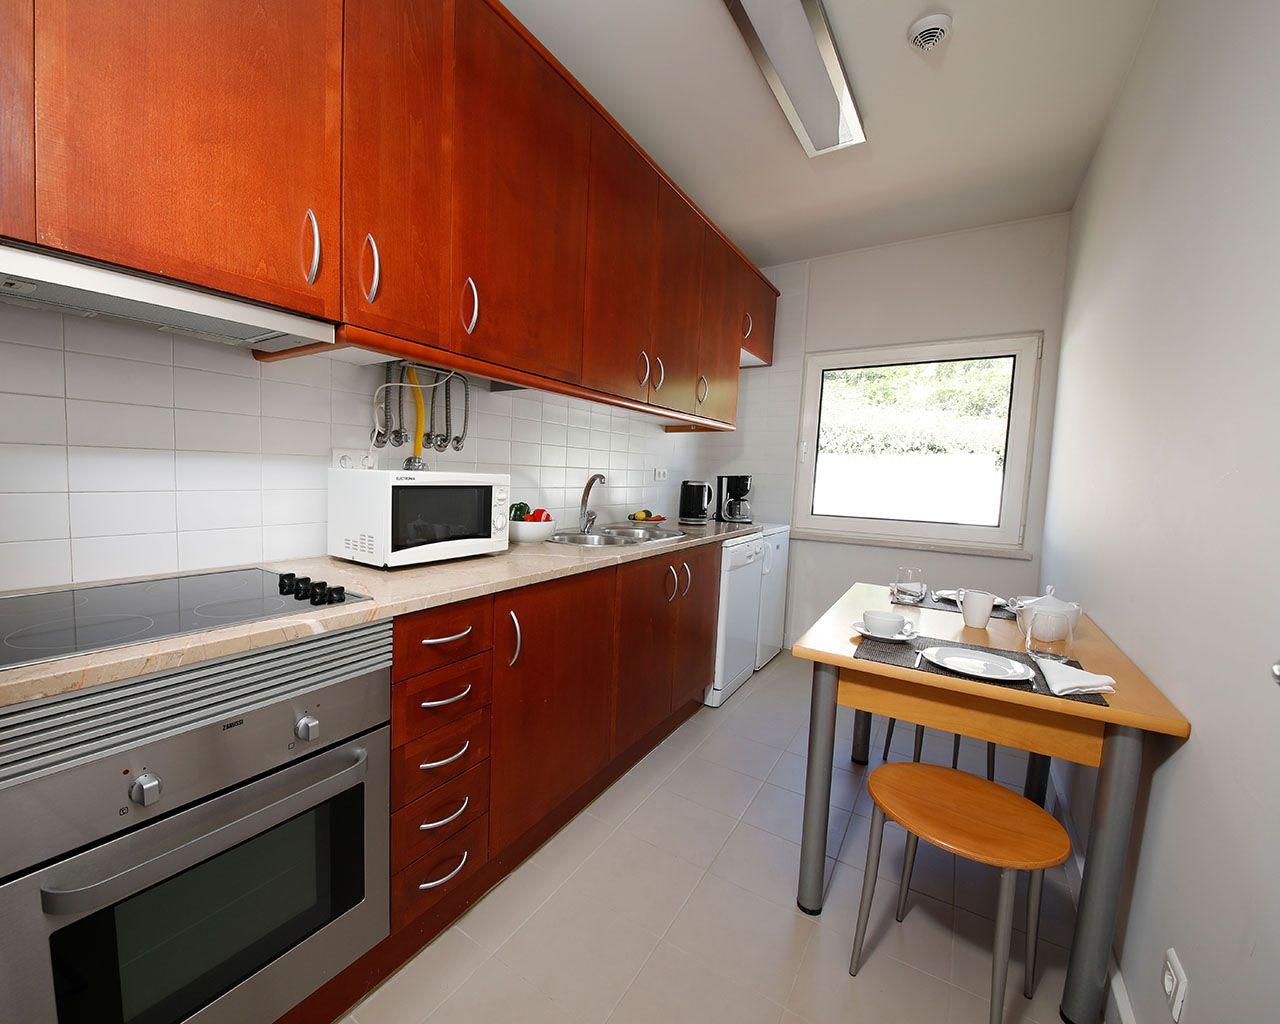 Cozinha - Apartamento T1 Premium